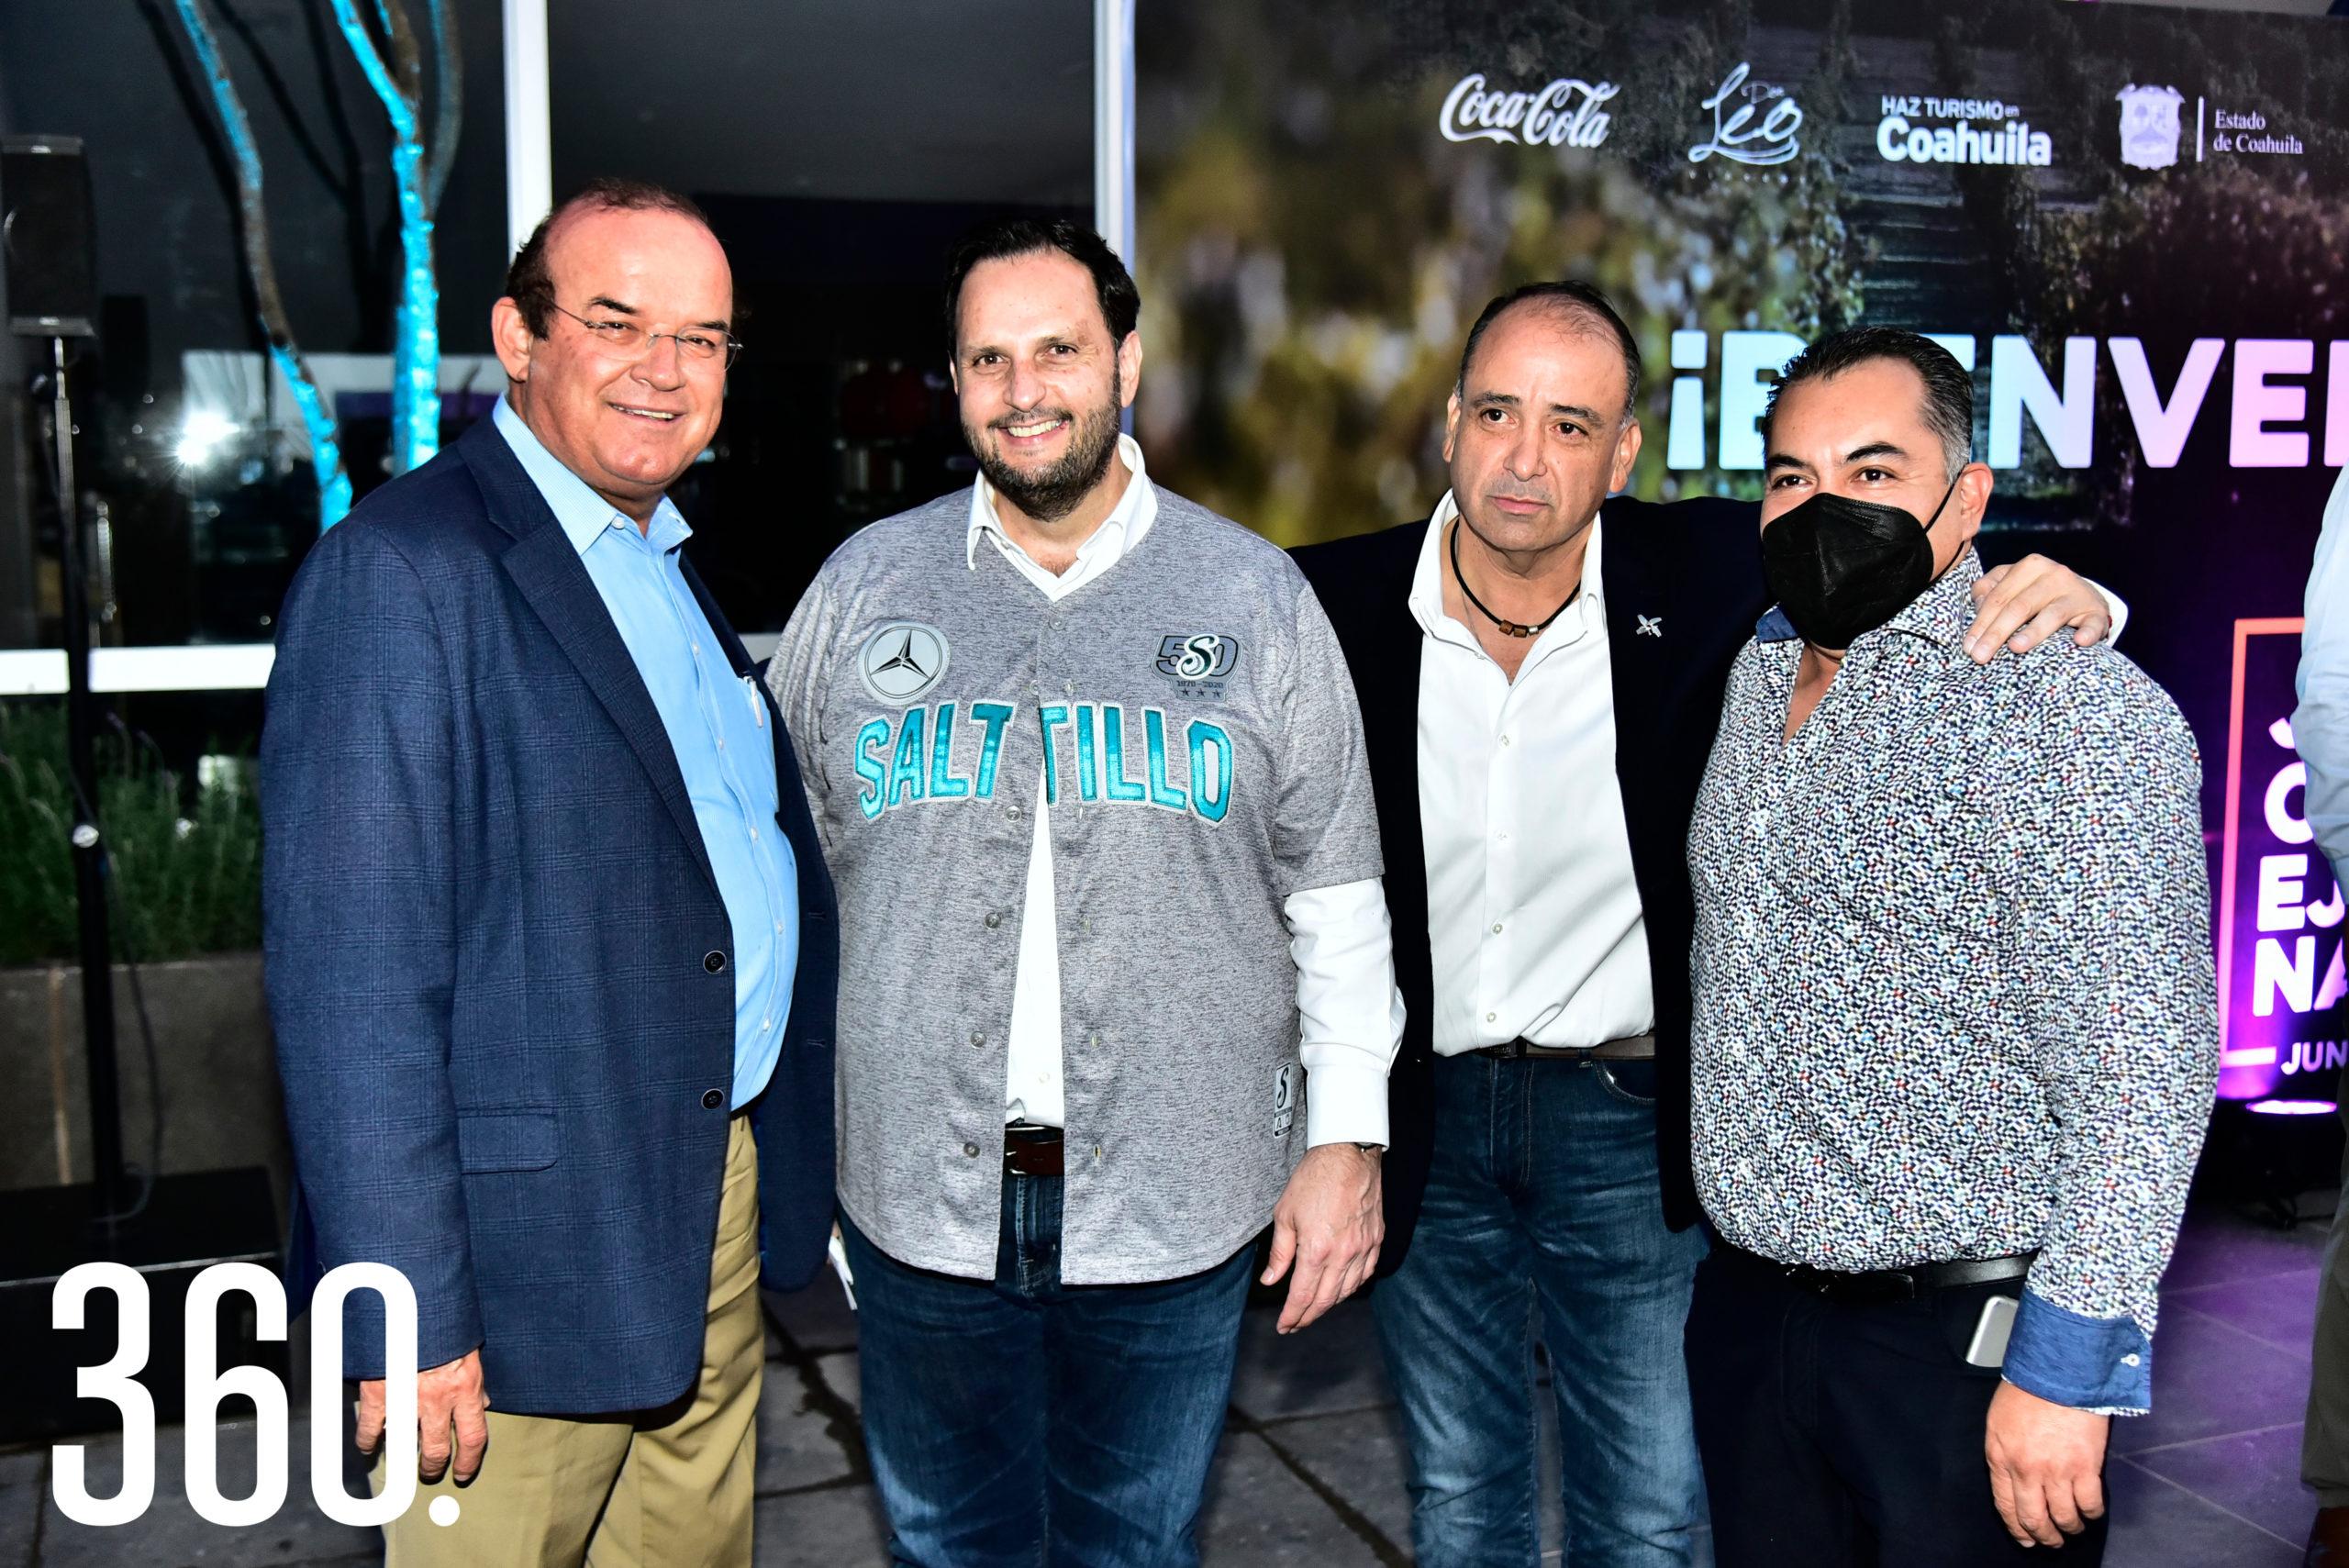 Jaime Guerra, Germán González, Miguel Camacho y Guillermo Martínez.